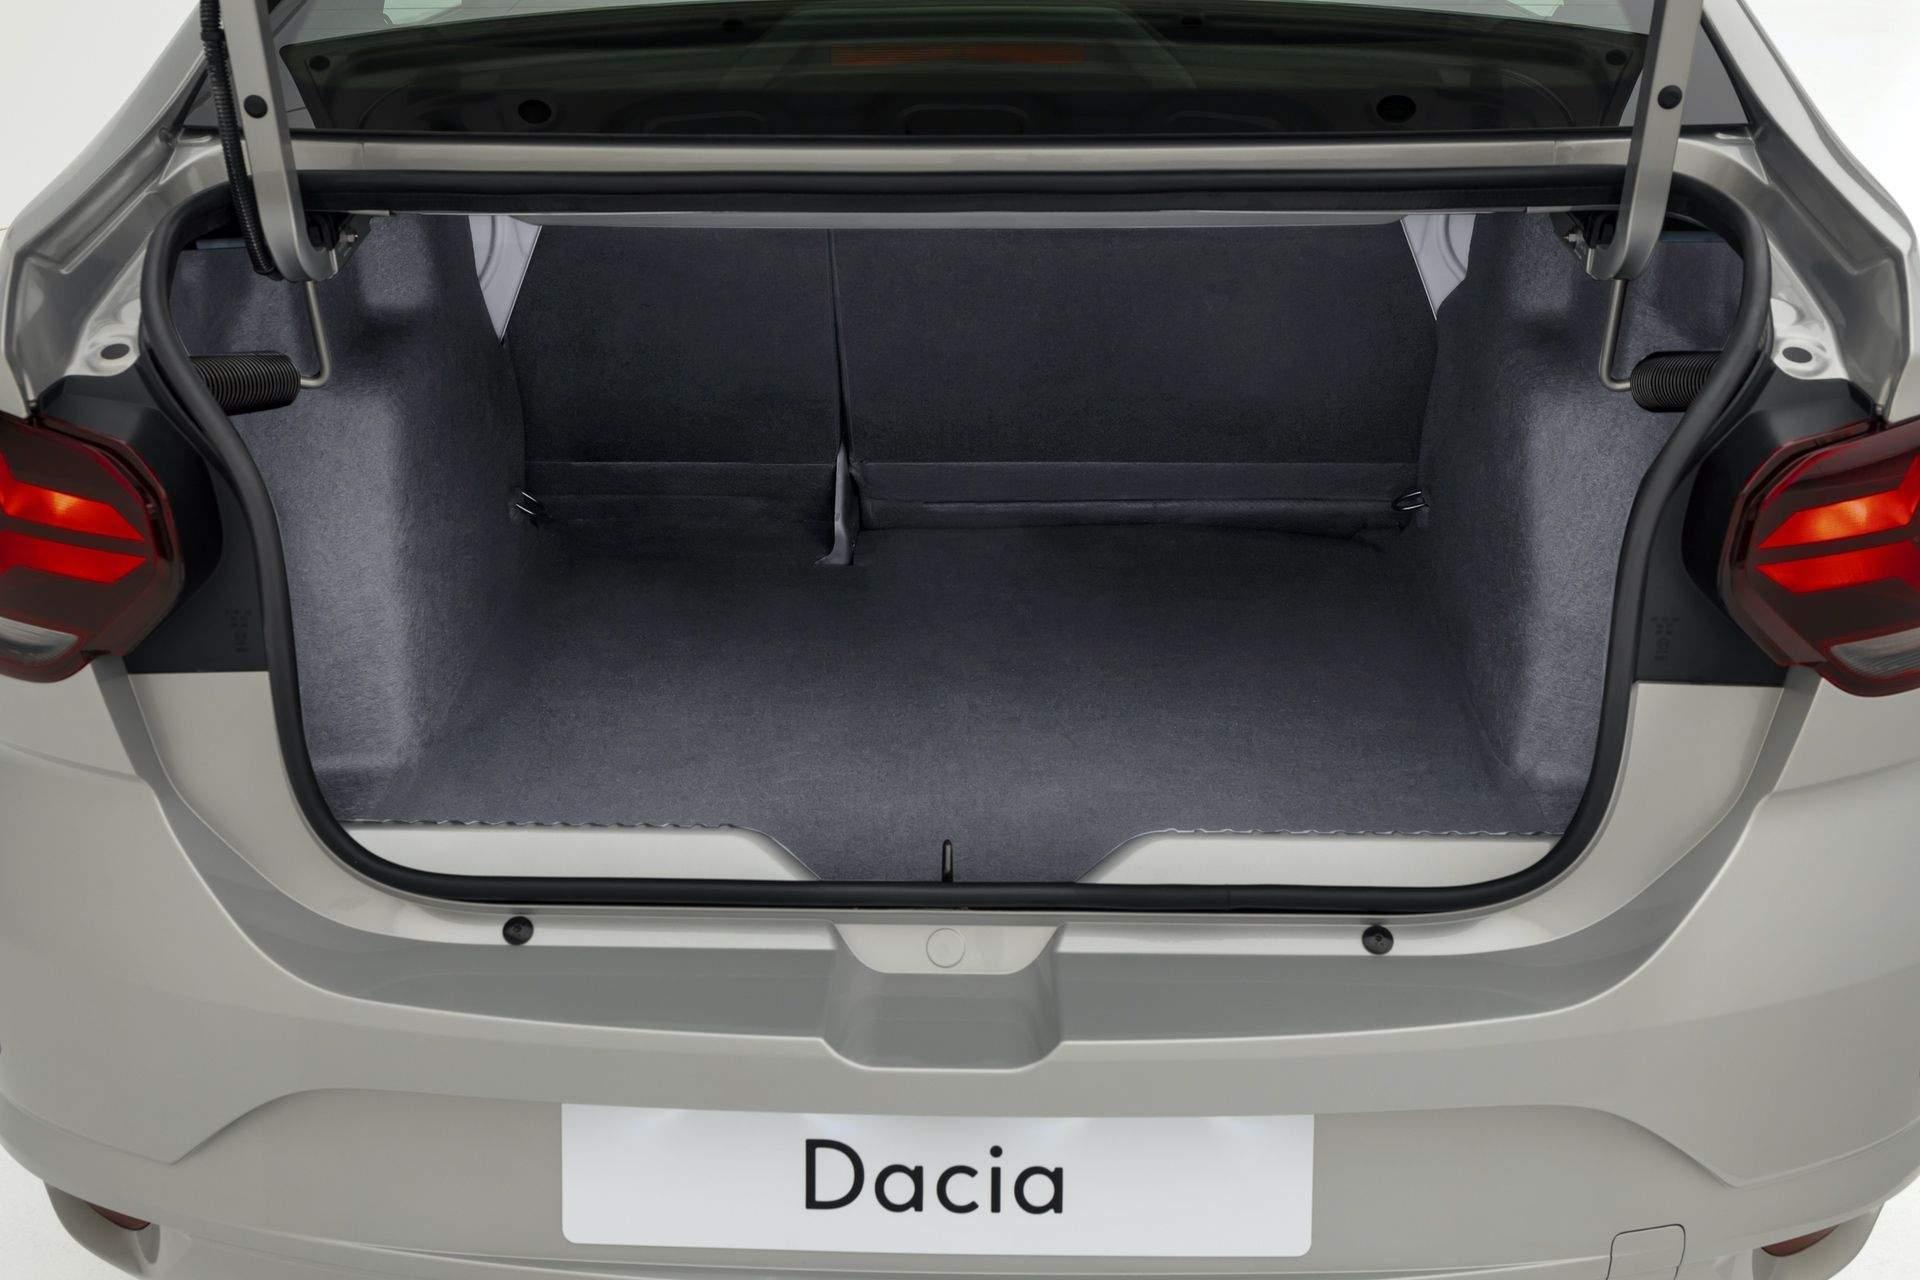 2020_Dacia_Logan_0018